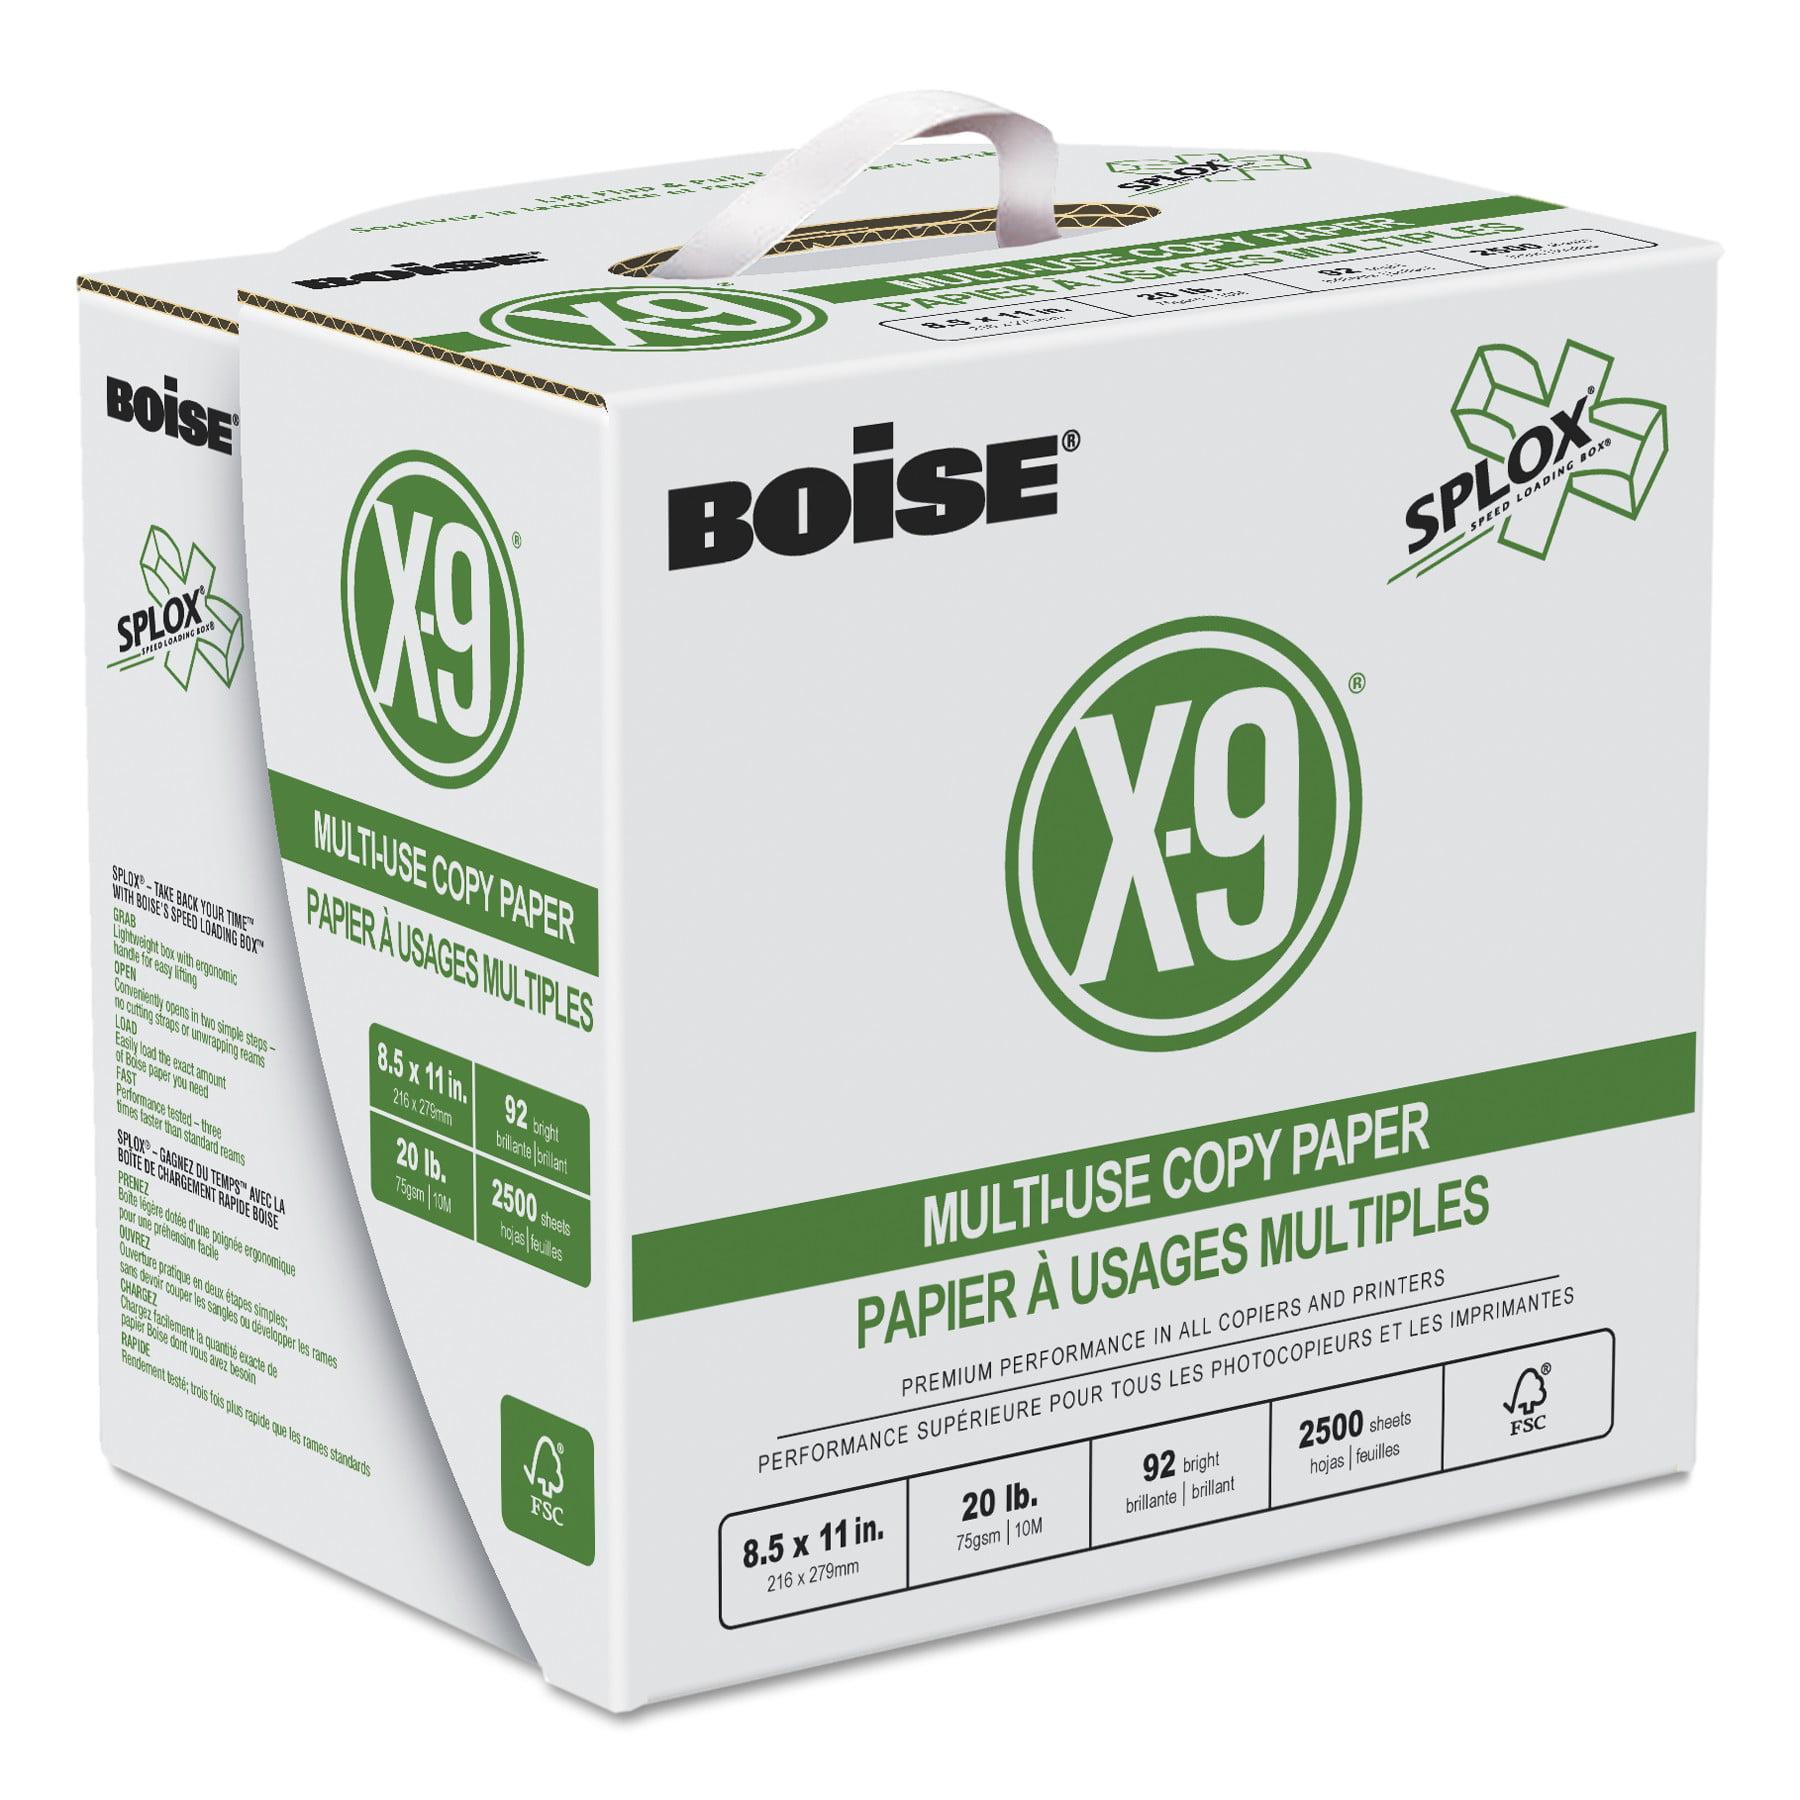 Boise X-9 SPLOX Multi-Use Copy Paper, 3-Hole, 92 Bright, 20lb, 8.5x11, White, 2500/CT